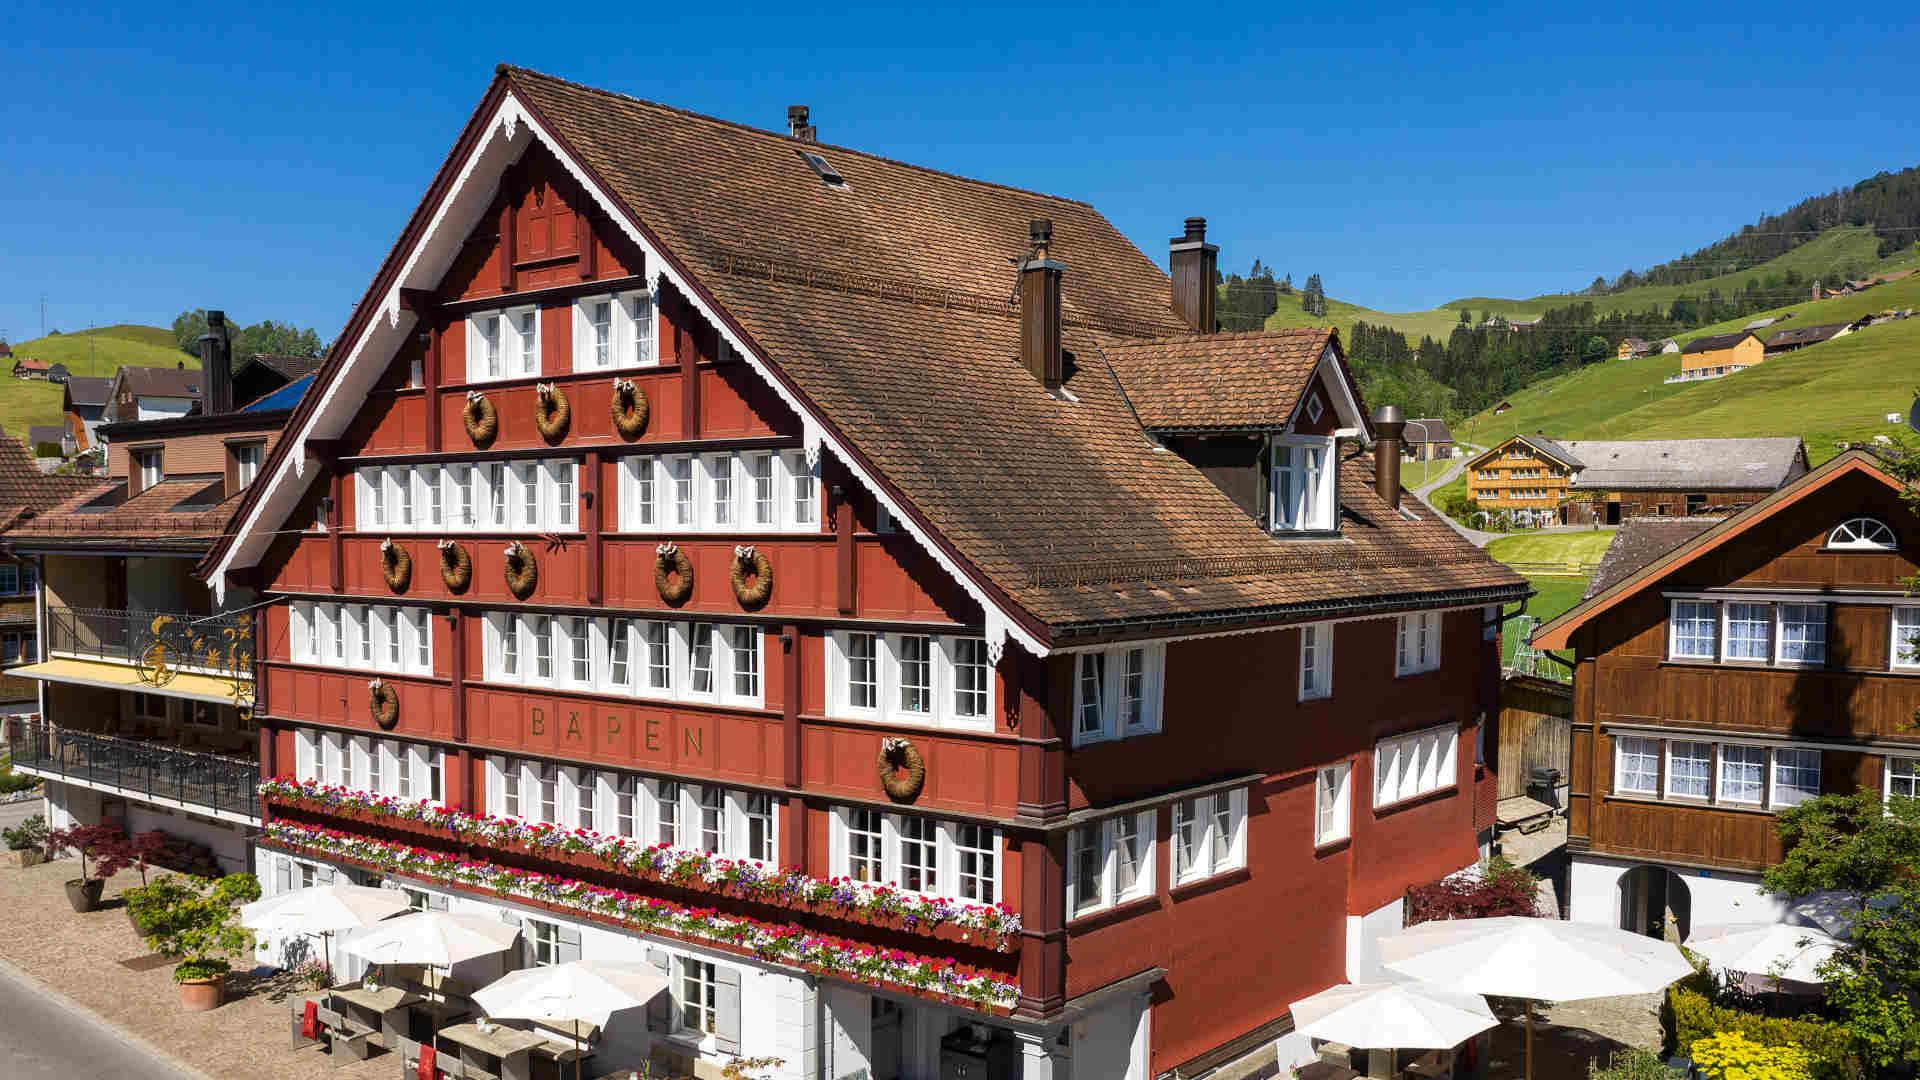 Hotel im Appenzell - Bären Gonten Hotel besticht mit der gelungenen Mischung aus Tradition und Moderne. Buchen Sie jetzt ein Zimmer!